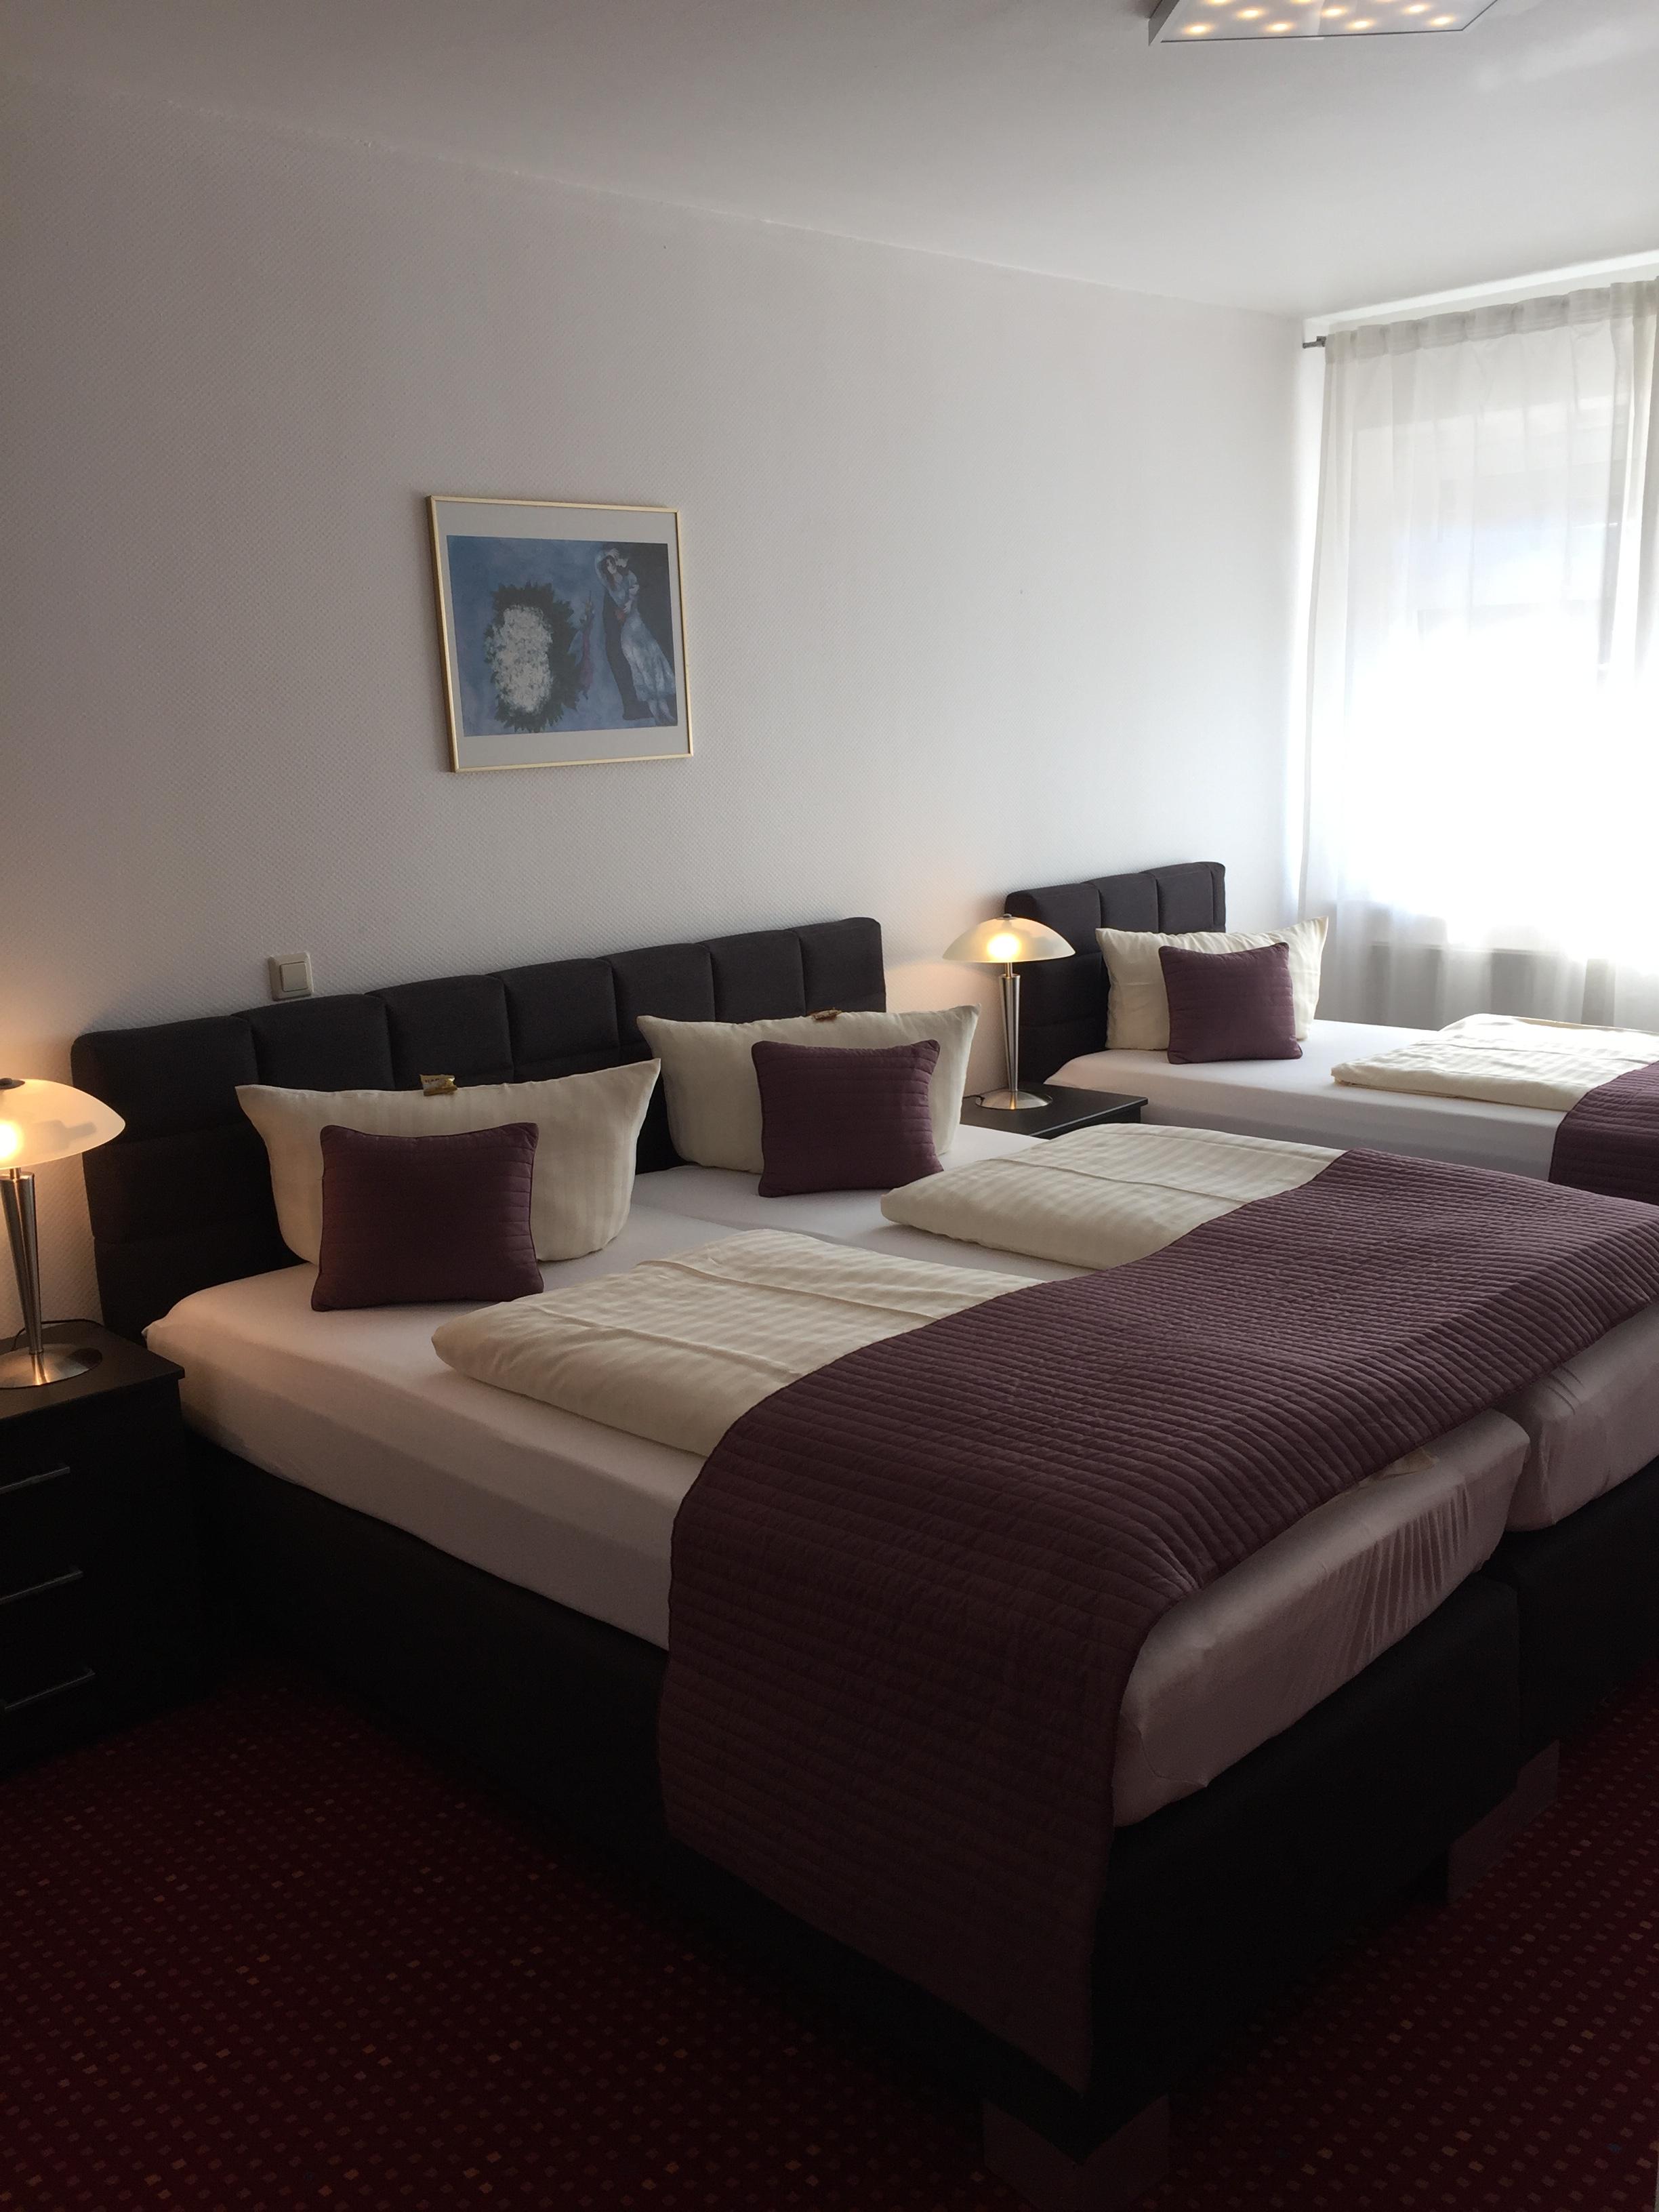 dreibettzimmer wincent hotel sinsheim. Black Bedroom Furniture Sets. Home Design Ideas